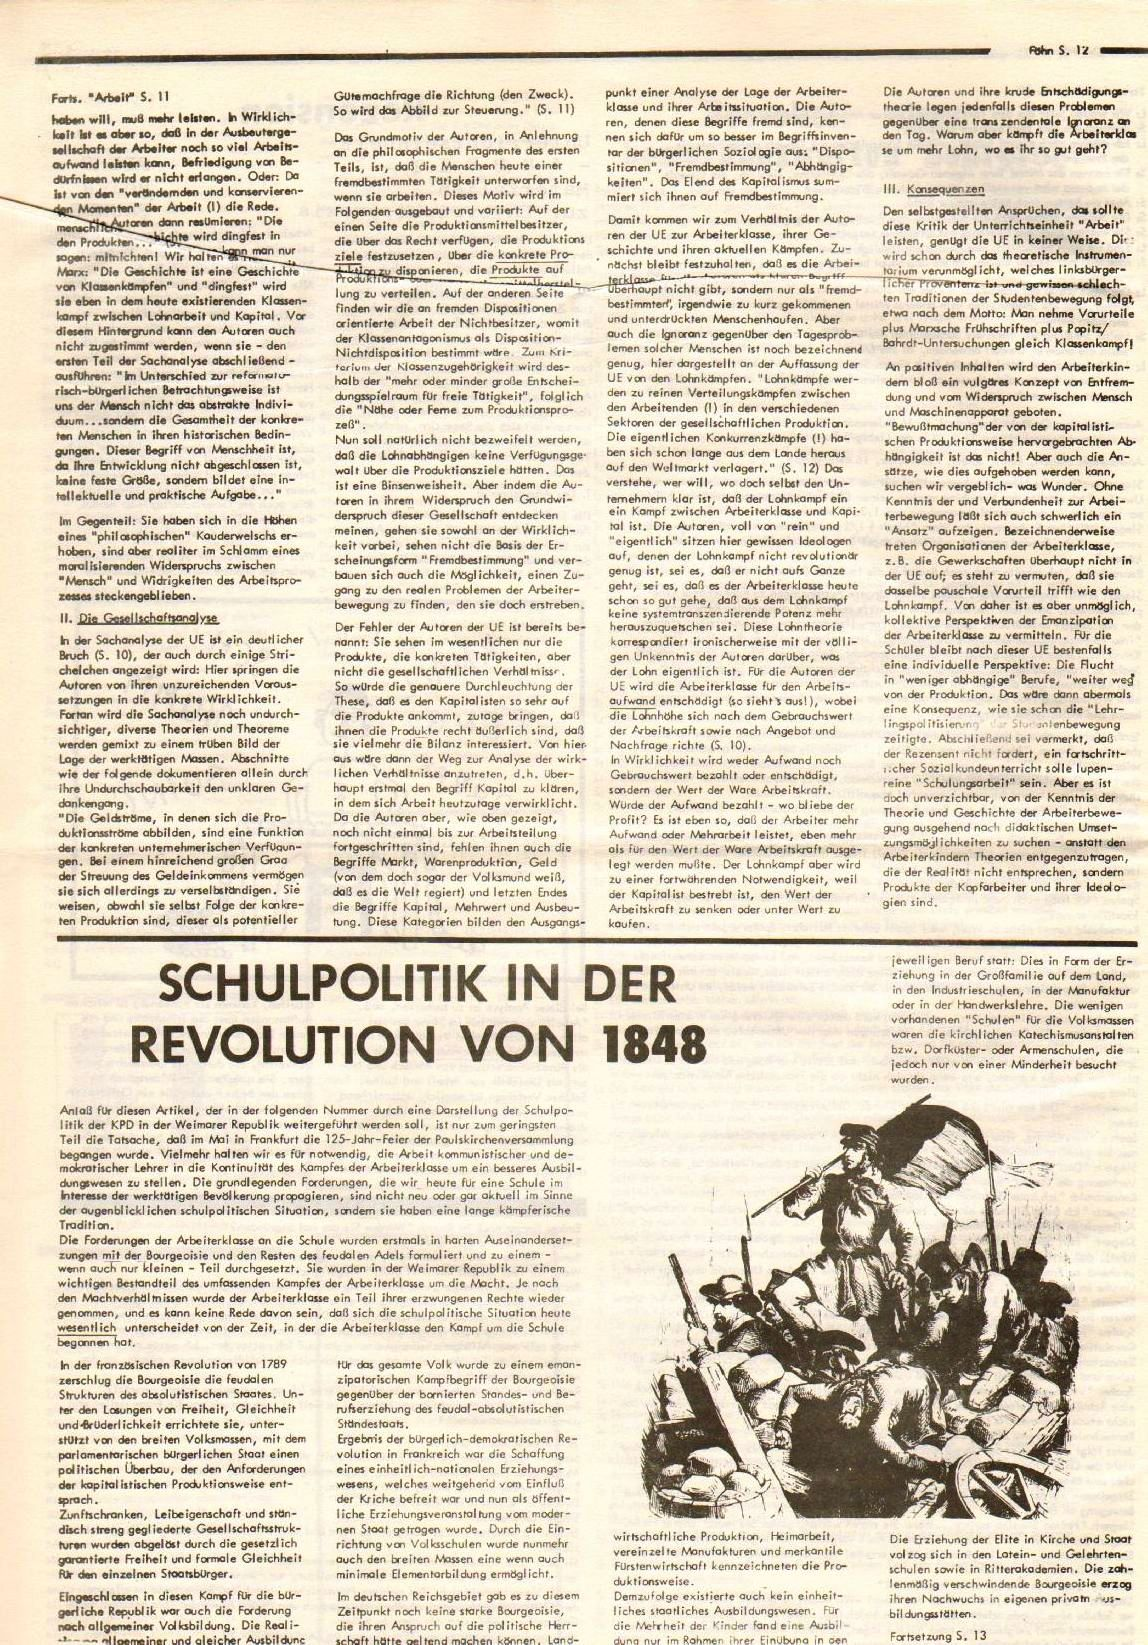 Der_Foehn021